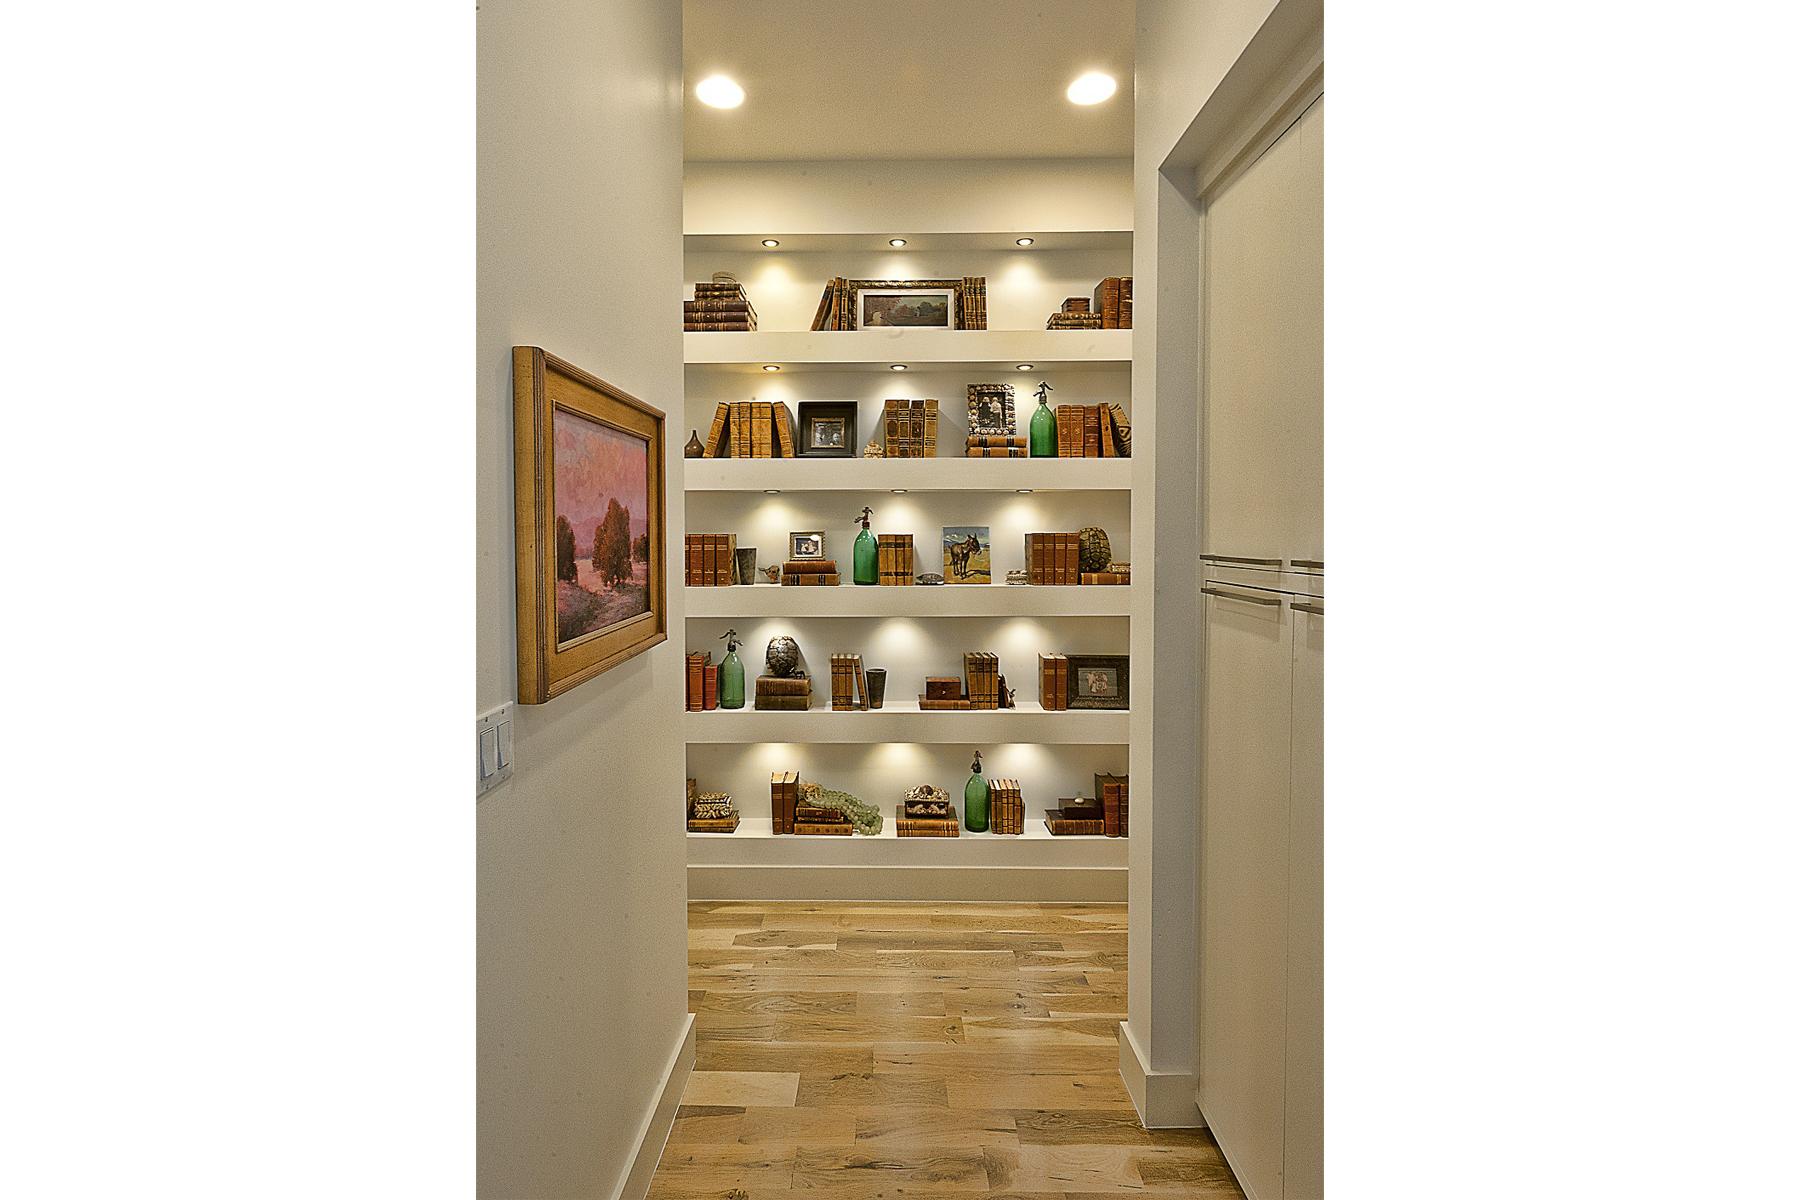 CatMountain-shelves